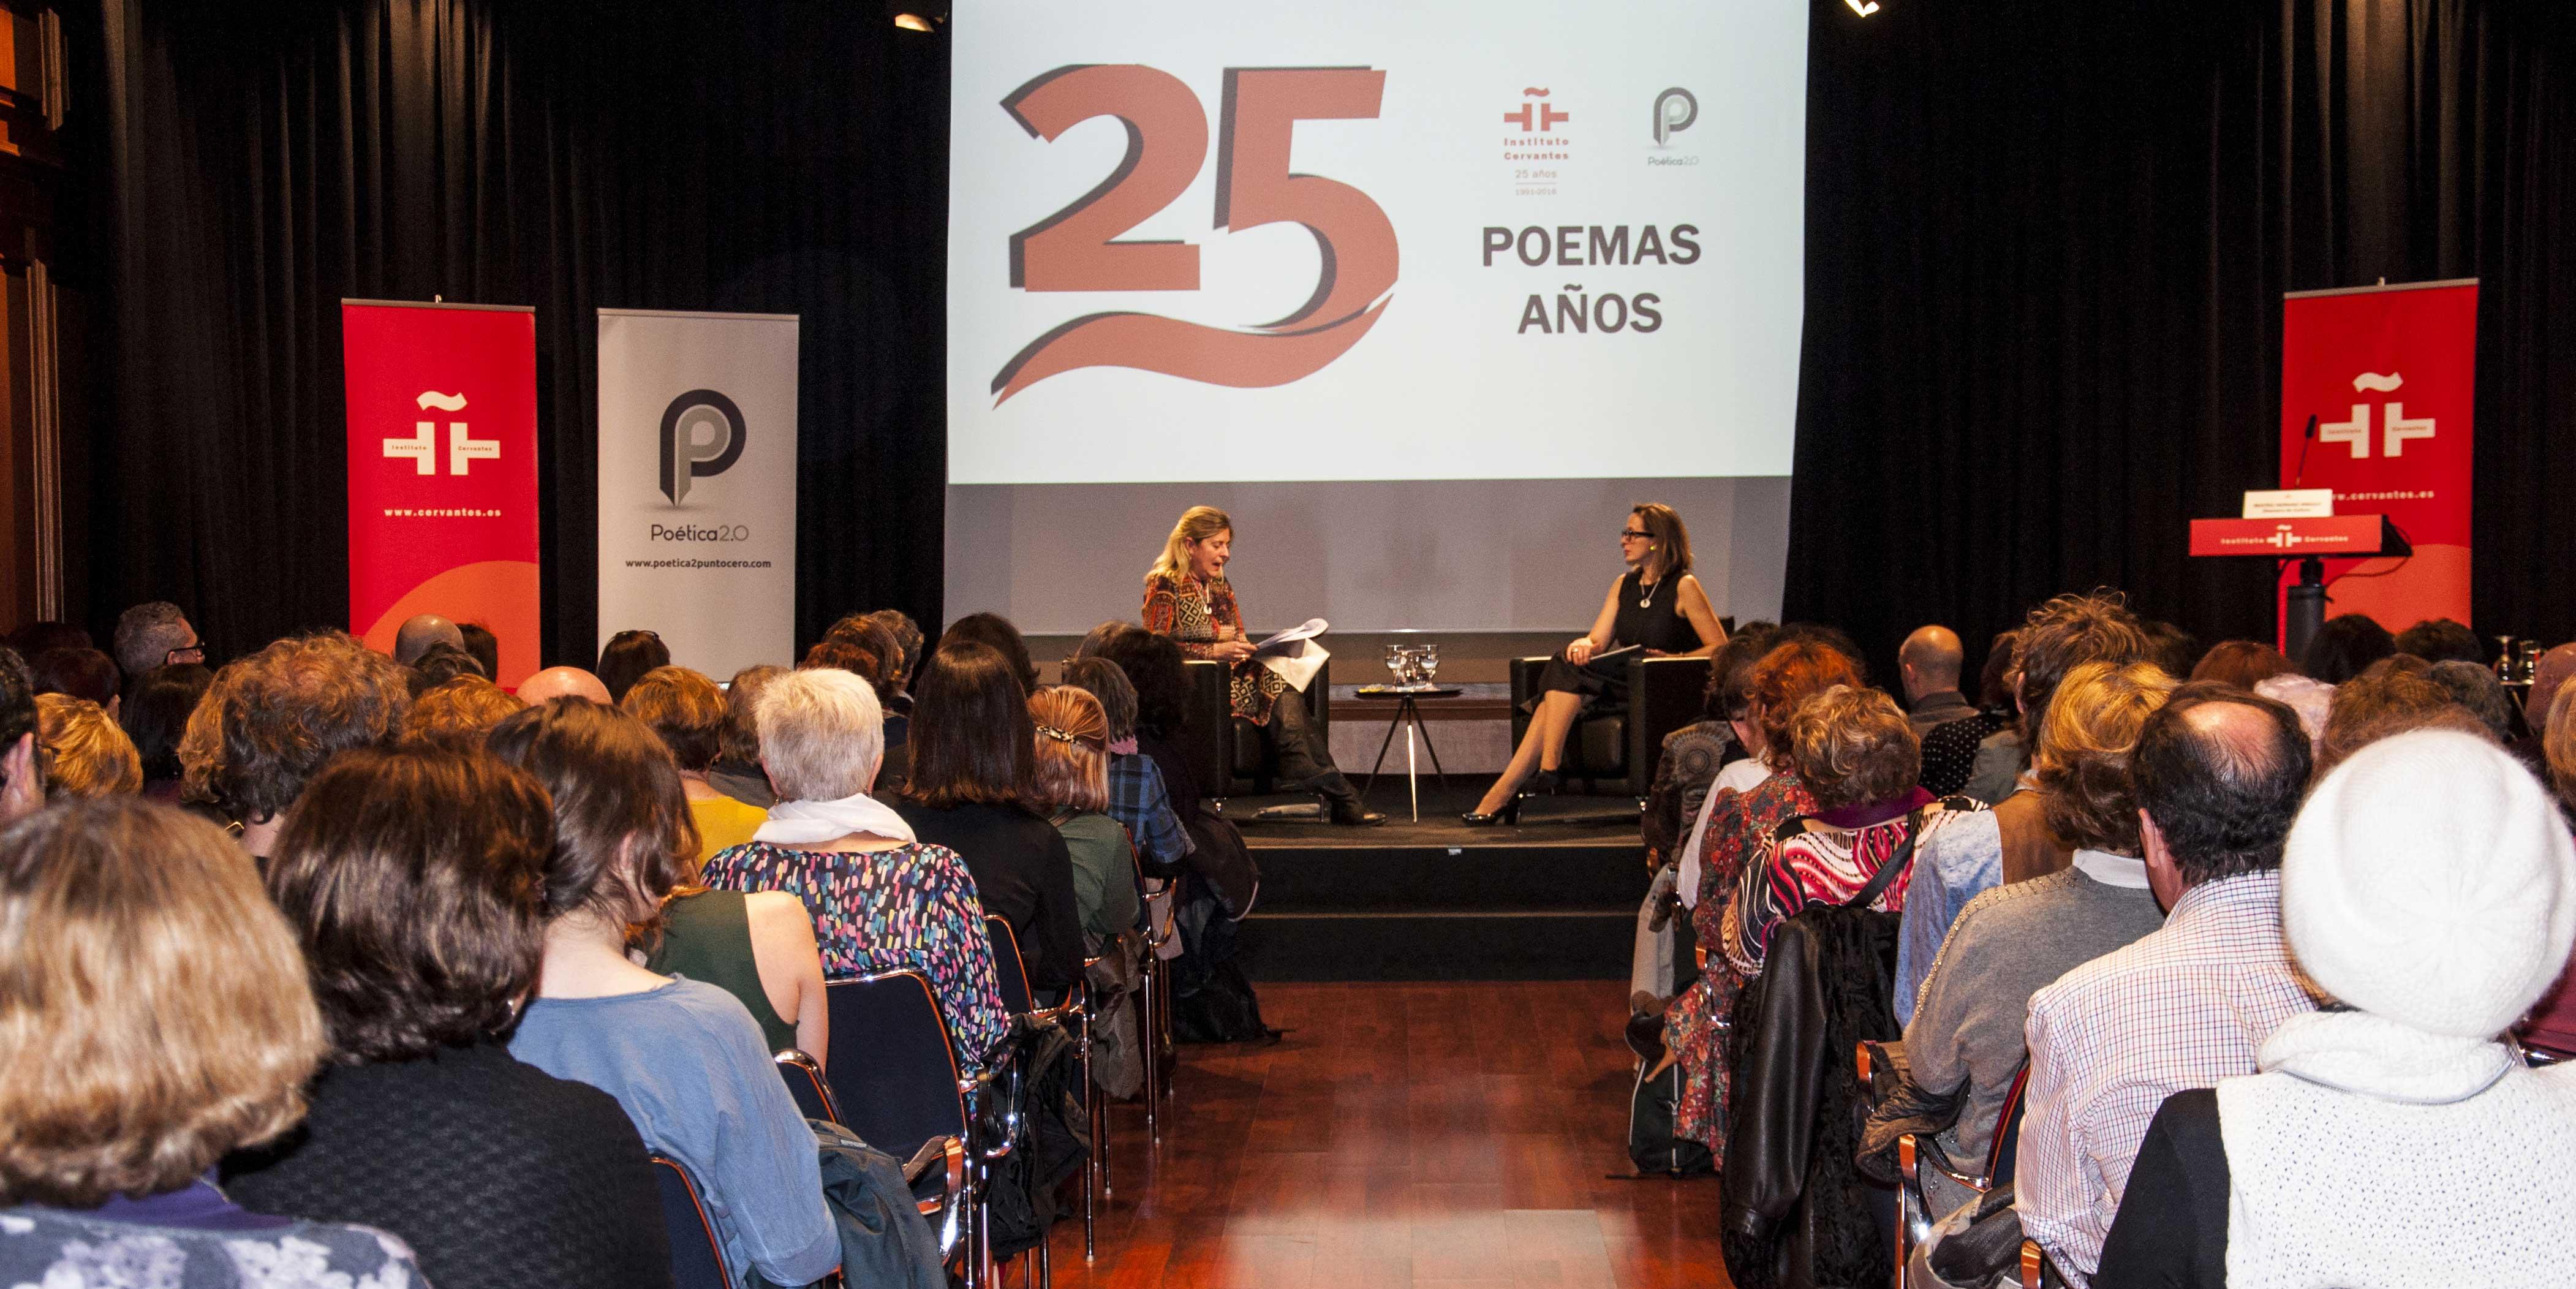 Vista del salón de actos del Instituto Cervantes en Madrid. En el escenario, Mar Gómiz (dcha.), directora de Poética 2.0, y Beatriz Hernanz, directora de Cultura del Cervantes. Reportaje gráfico de Carlos Laullón.